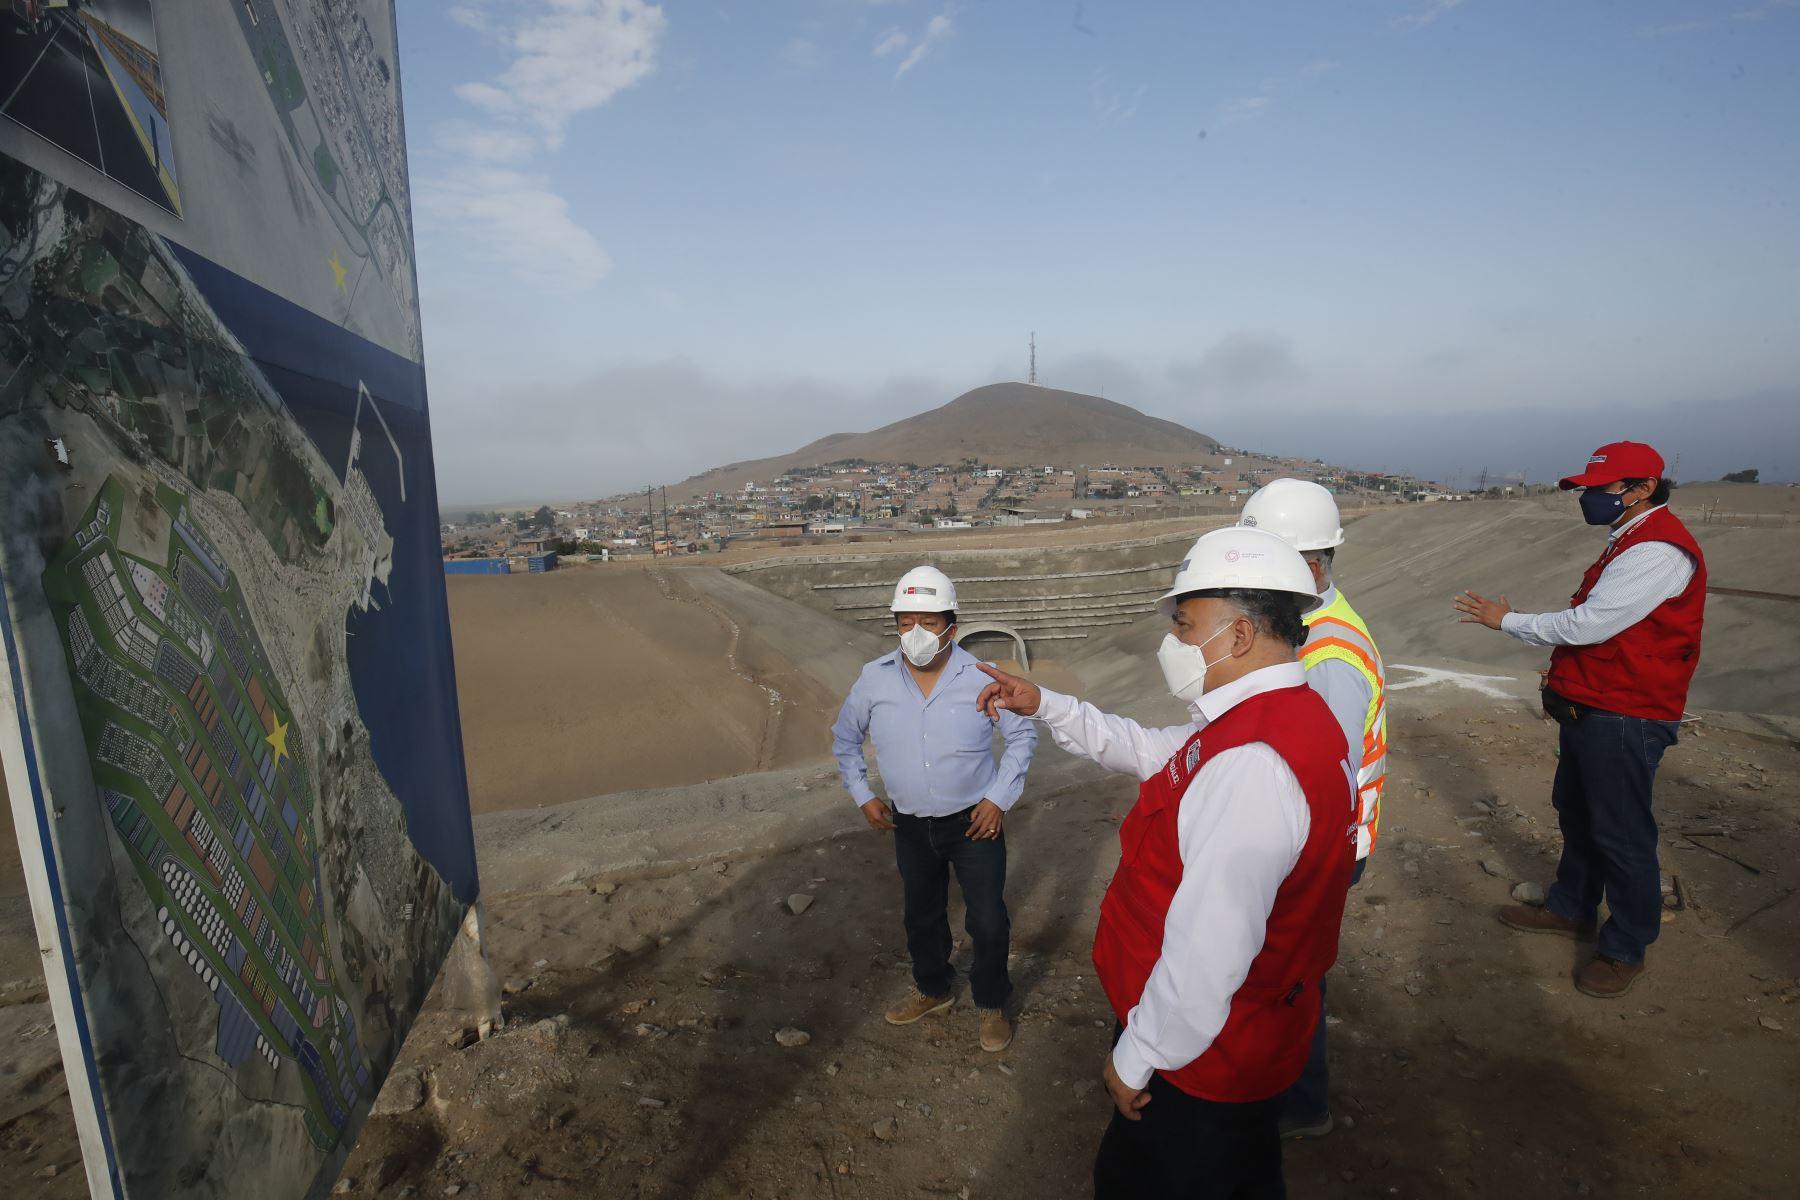 El ministro de Transportes y Comunicaciones,  Eduardo Gonzalez, inspeccionó esta mañana el Terminal Portuario Multipropósito de Chancay que se convertirá en una de las principales puertas de entrada al Perú y será un centro complementario al puerto del Callao en carga de contenedores. Foto: ANDINA/Juan Carlos Guzmán